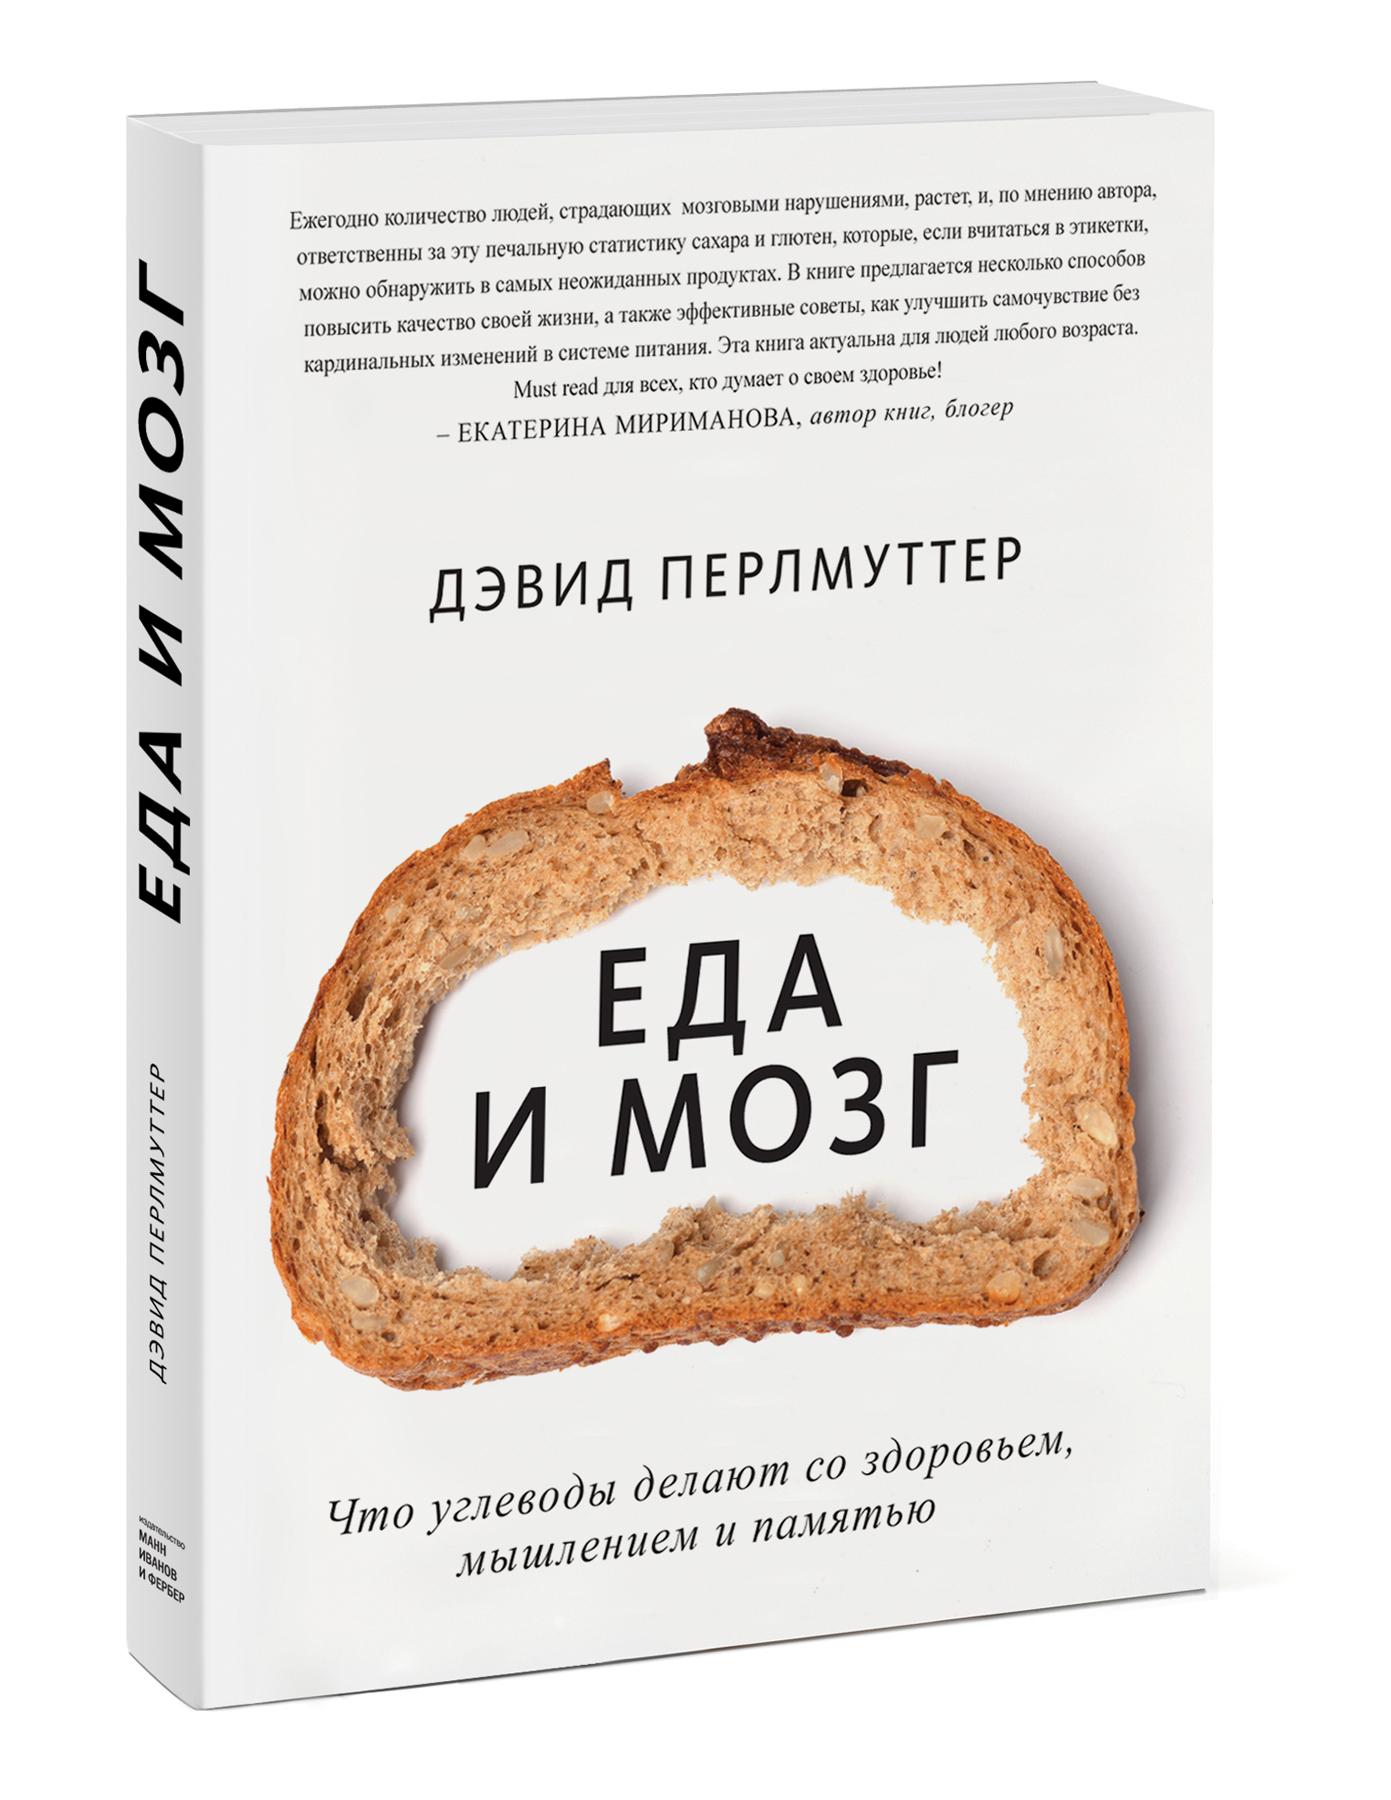 Новая жизнь: четырехнедельный план действий, выдержки из книги «Еда и мозг»